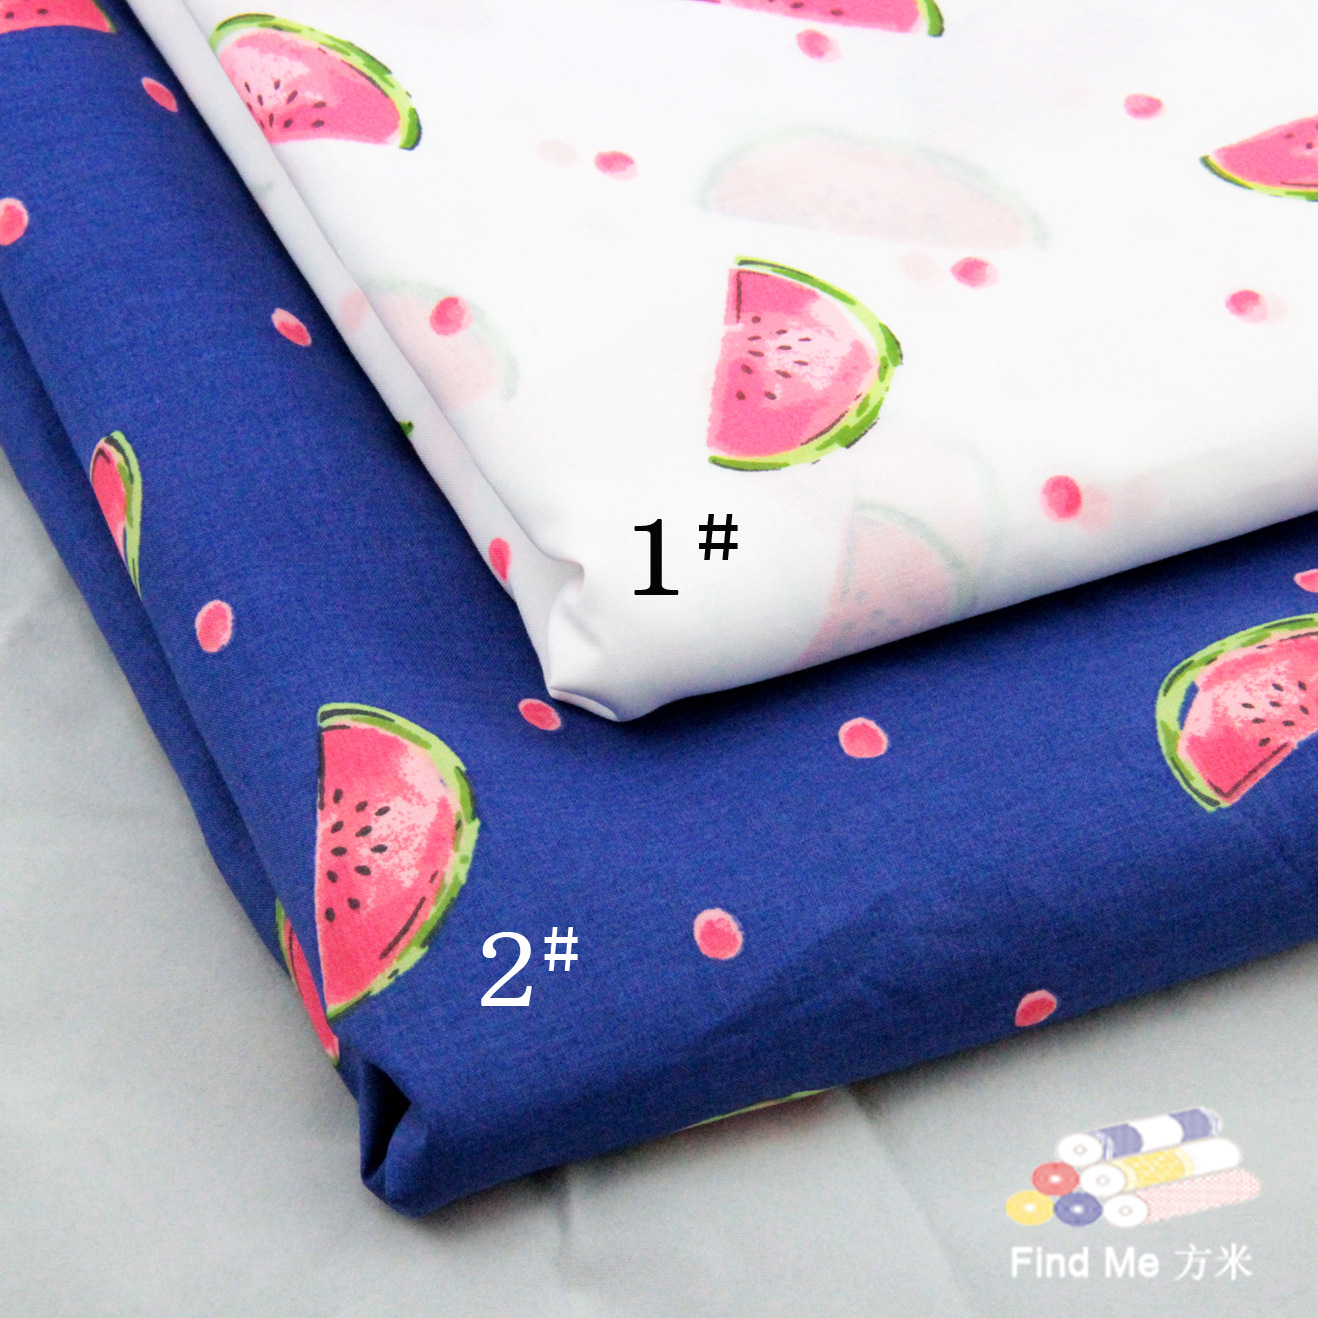 FANGMI Vải dệt may Vải in sẵn vải bông dưa hấu Balan in vải